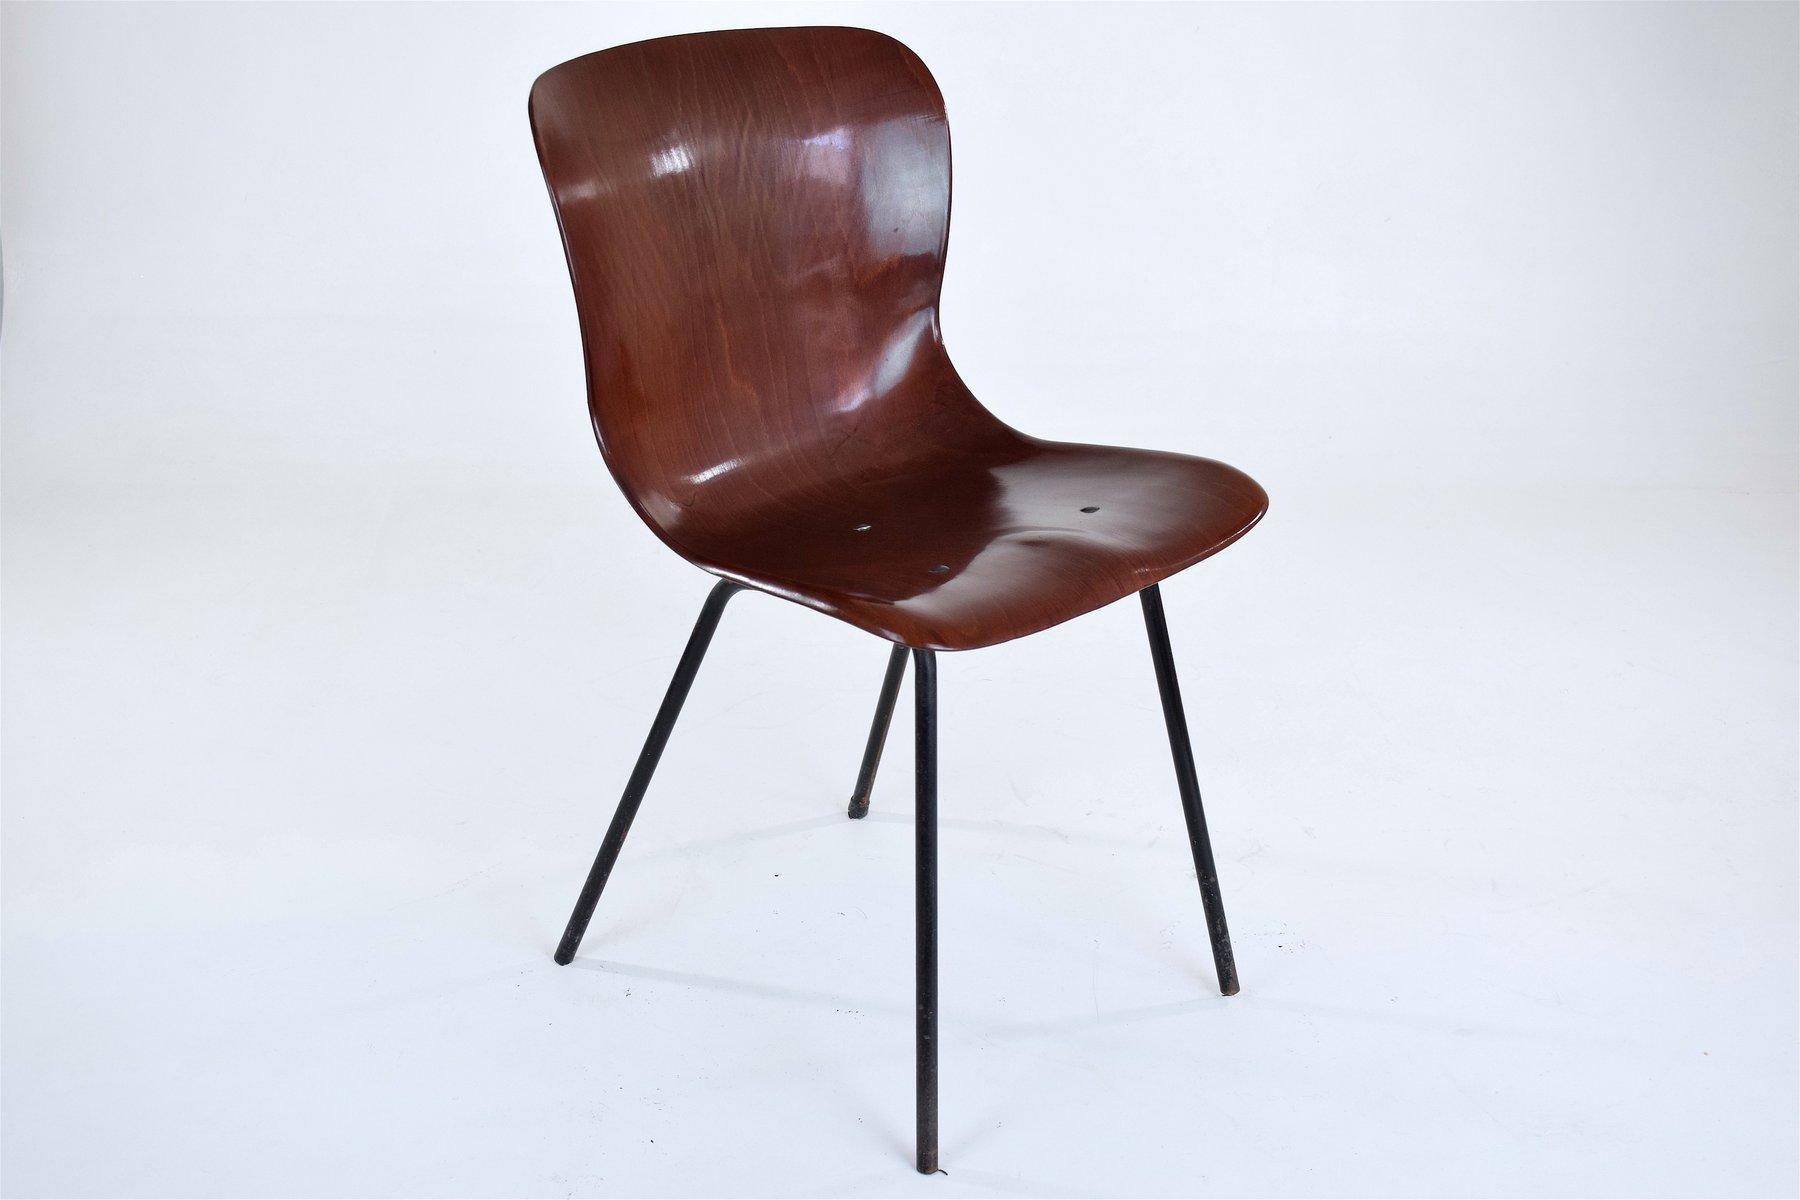 chaise mod le 1507 de pagholz allemagne 1956 en vente. Black Bedroom Furniture Sets. Home Design Ideas